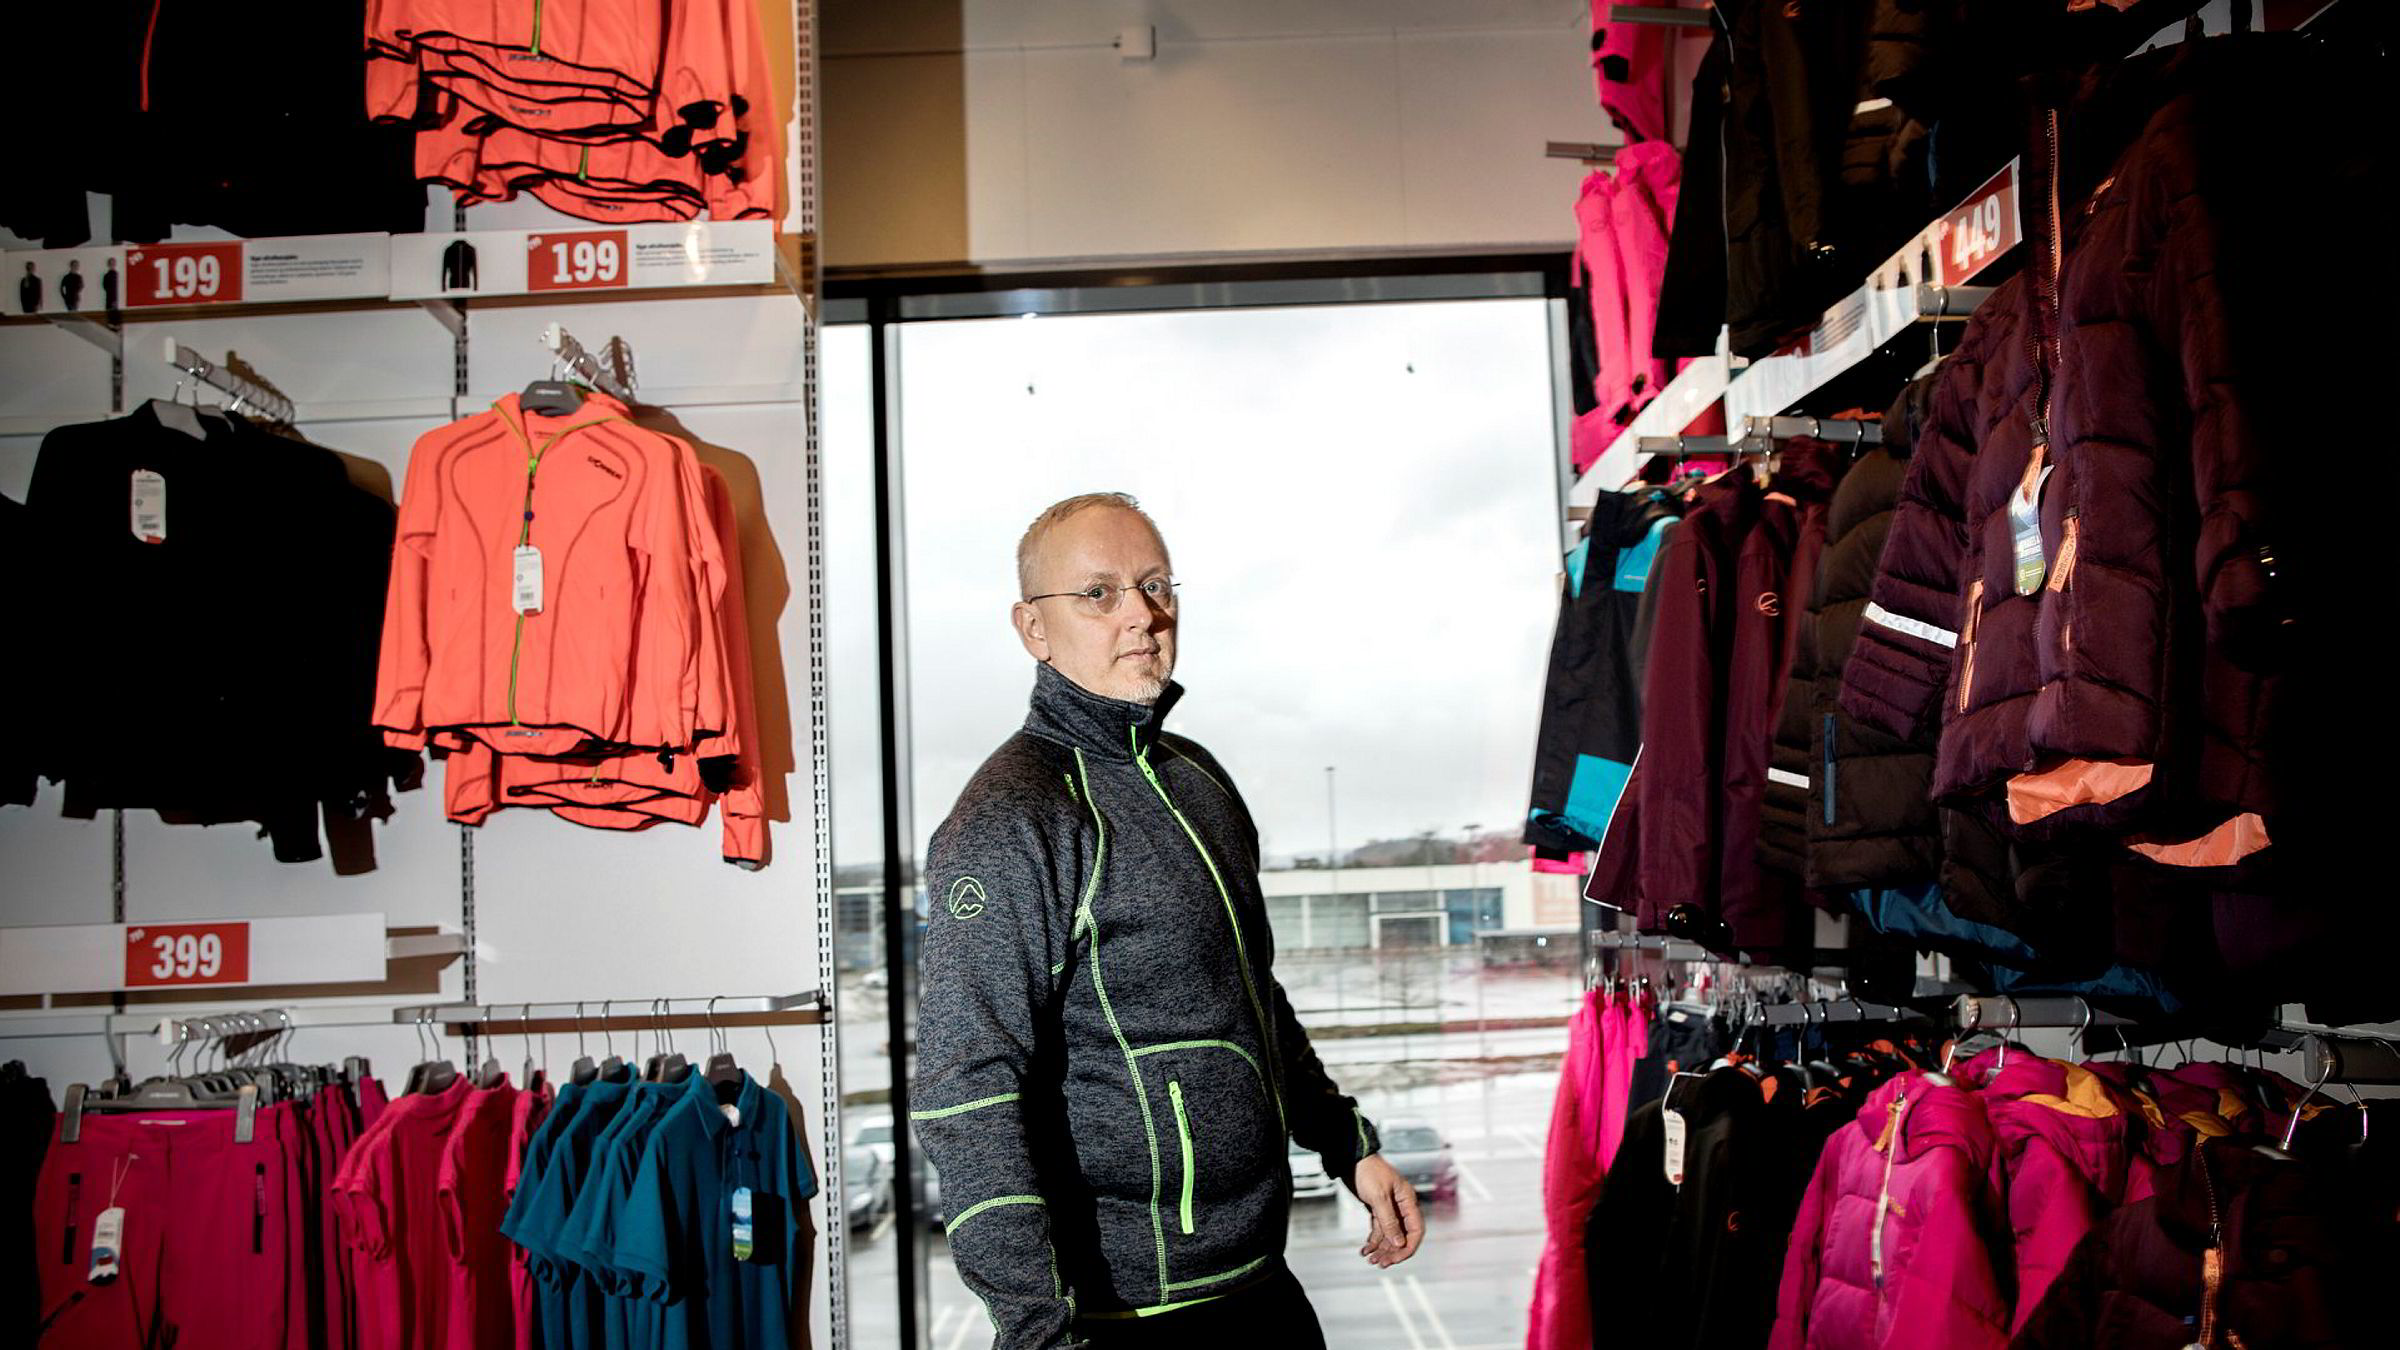 Stormberg-eier Steinar J. Olsen tok et utbytte på 50 millioner kroner i fjor, men har lånt 30 millioner tilbake til selskapet.